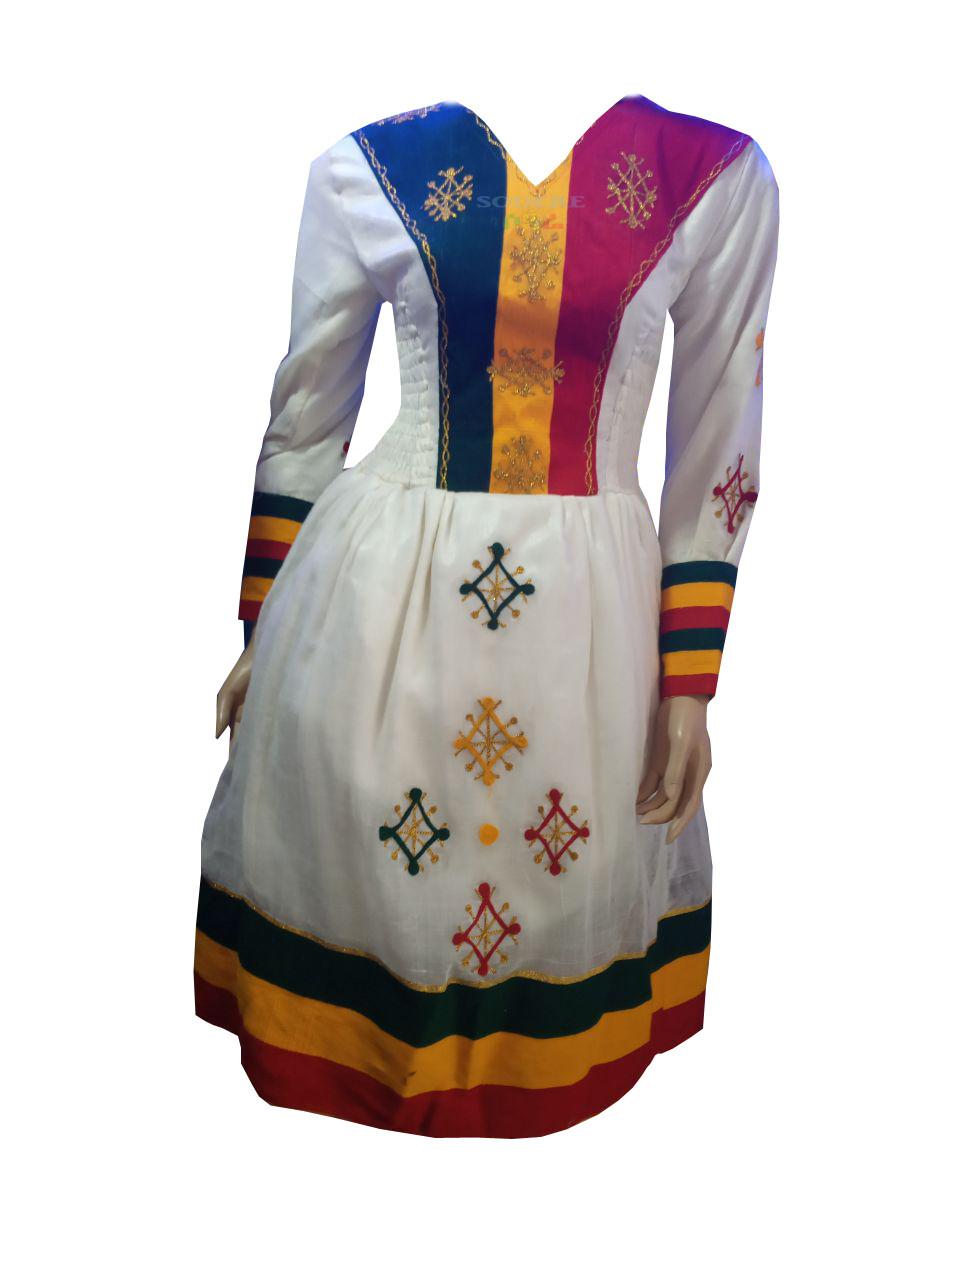 የኢትዮጵያ ባንዲራ ያለበት አጠር  ያለ የሀበሻ ቀሚስ  Ethiopian Traditional Short Dress